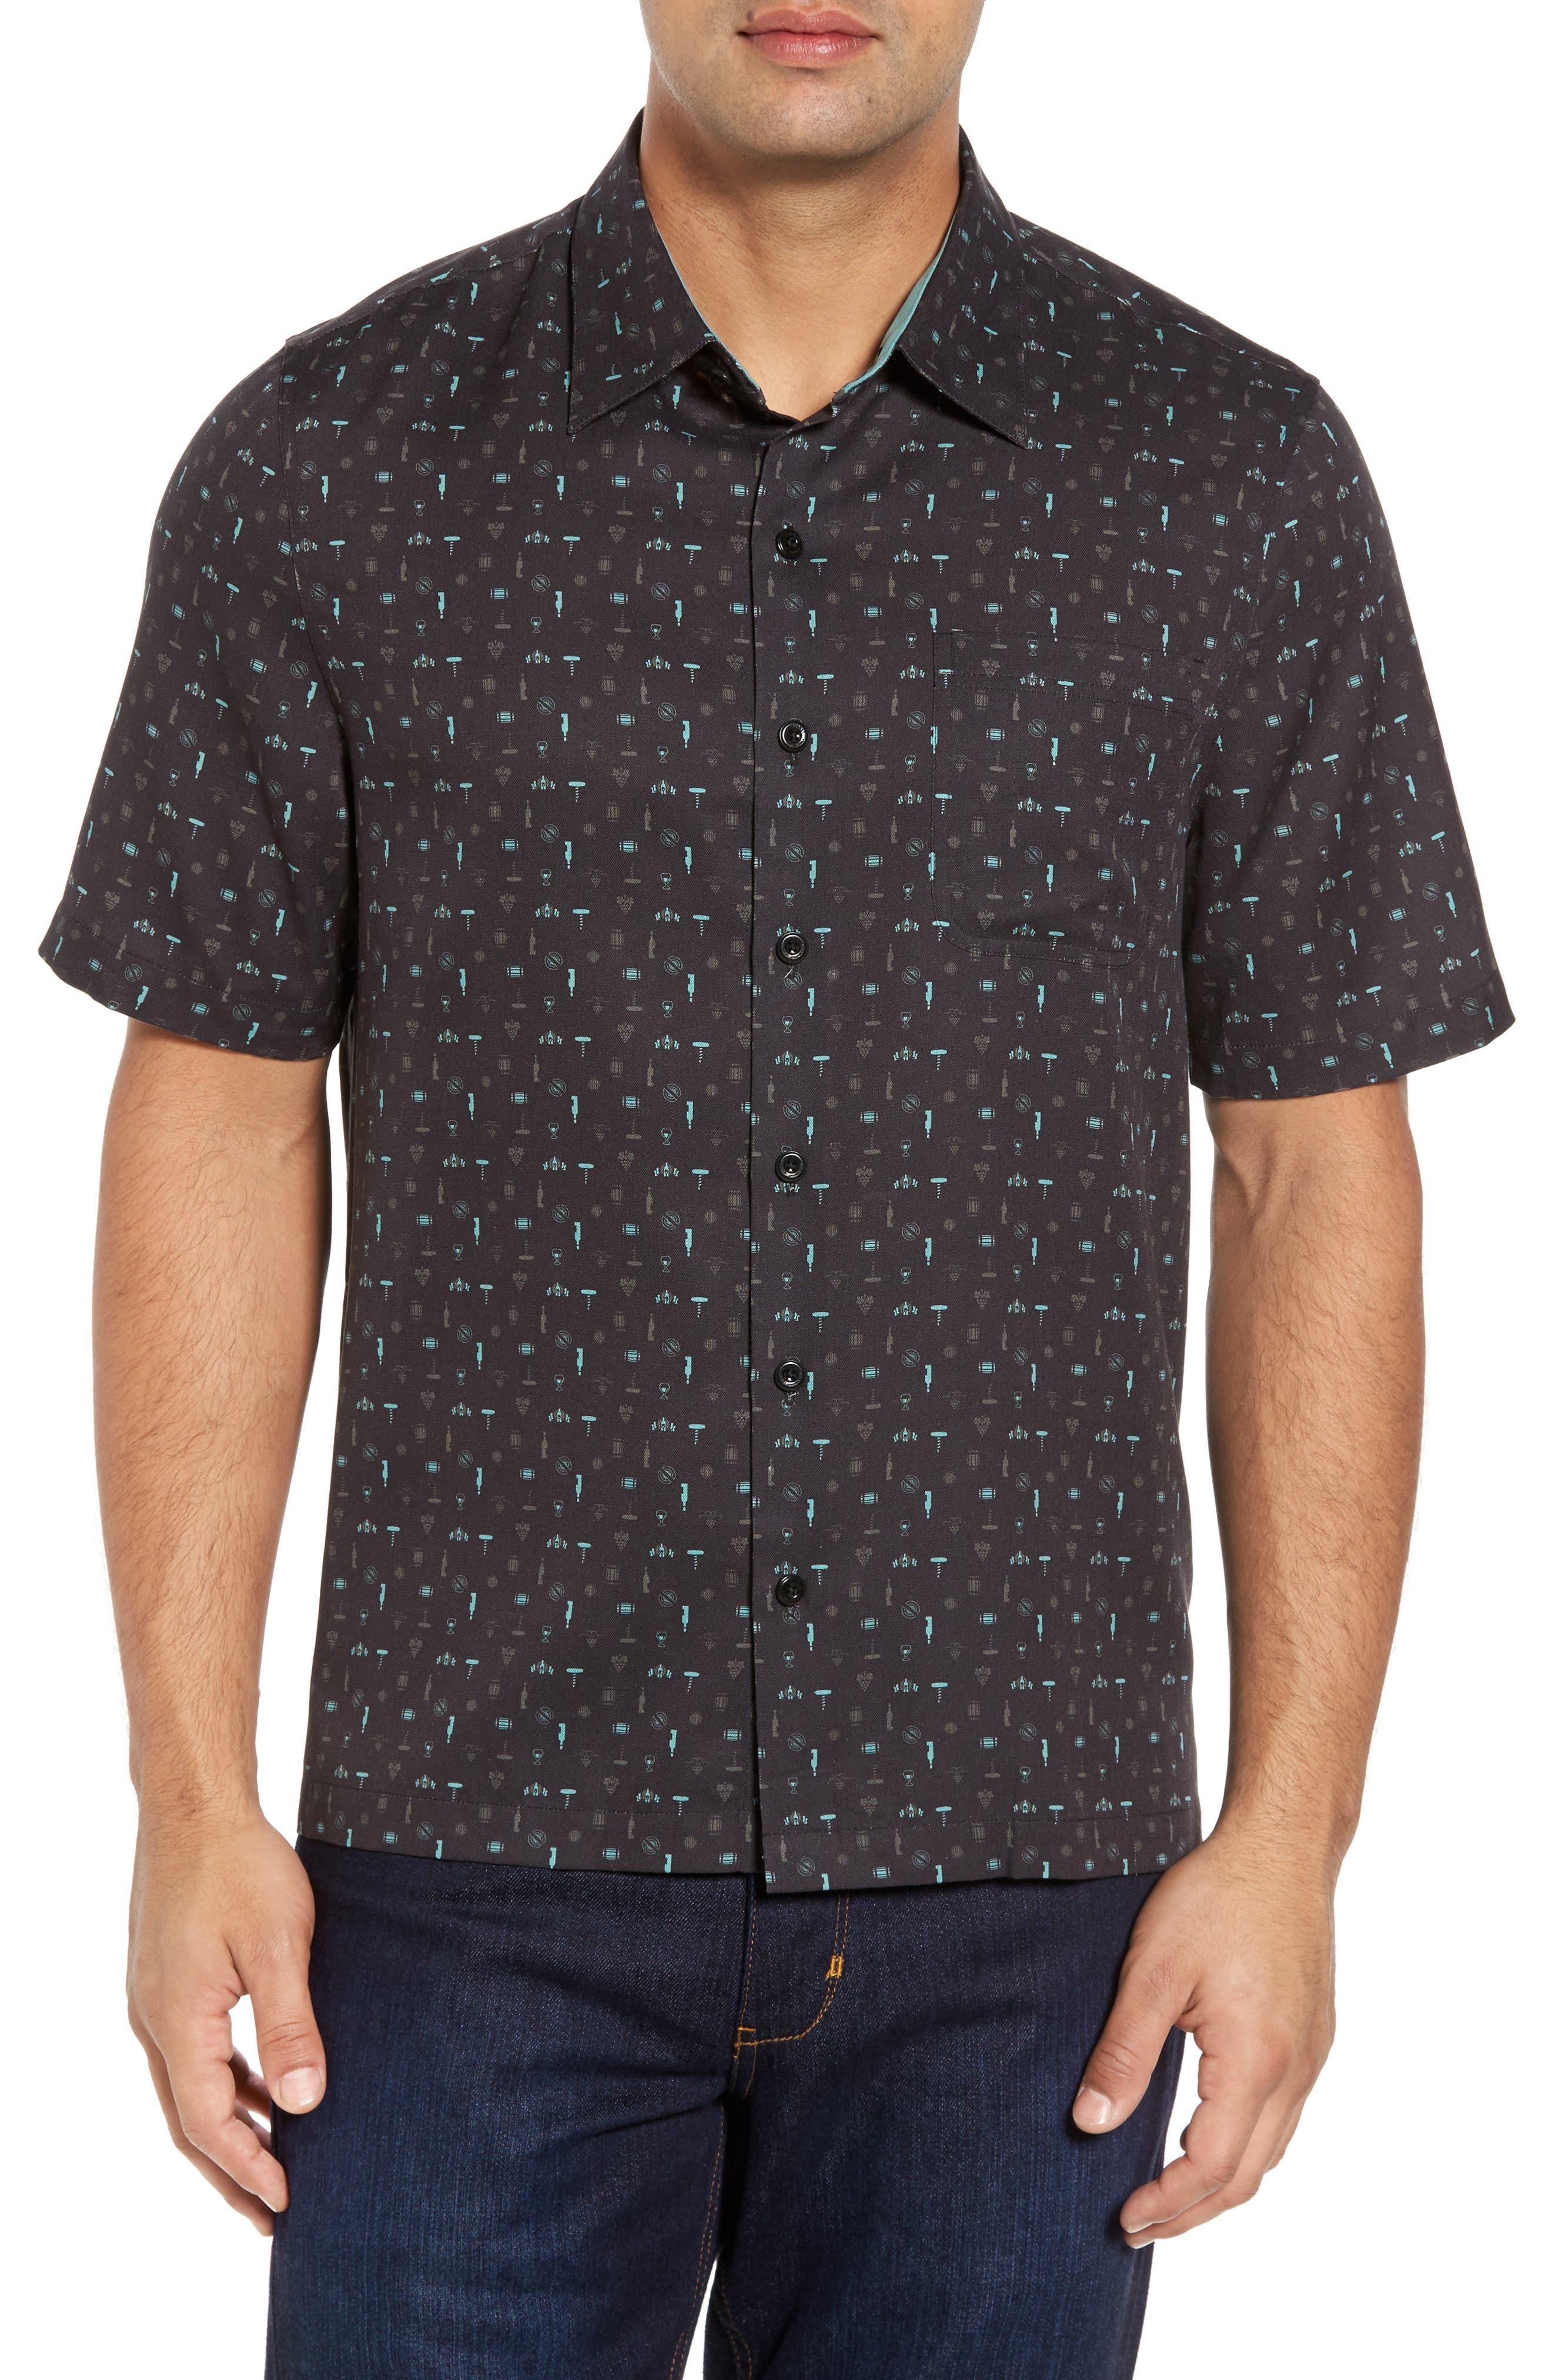 Alternate Image 1 Selected - Nat Nast Cocktails Classic Fit Silk Blend Sport Shirt